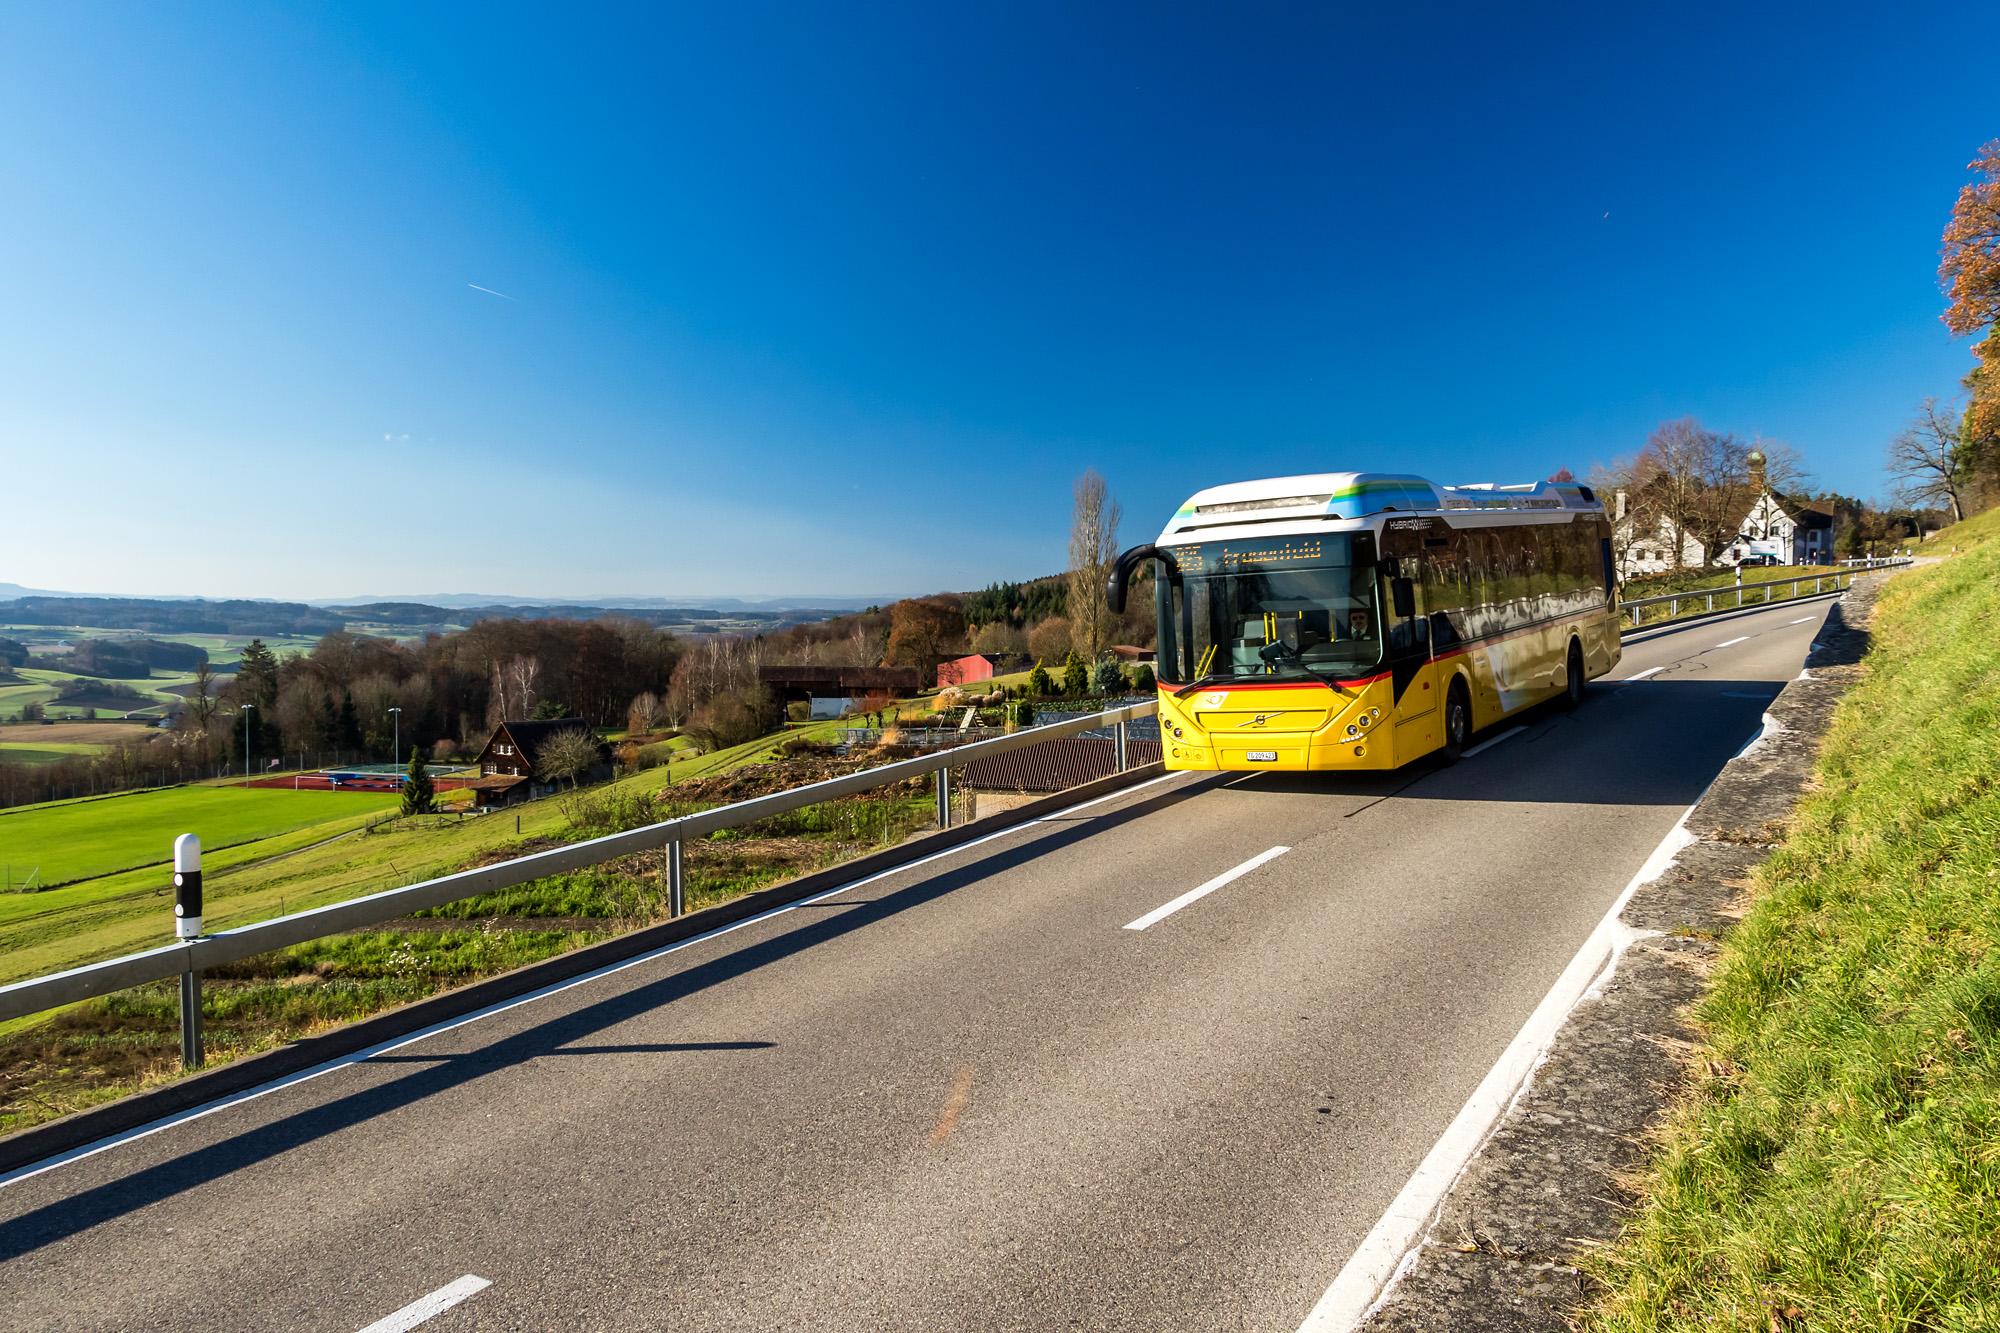 Auf aussichtsreichen Strassen unterwegs: Der zwischen Stein am Rhein und Frauenfeld verkehrende Hybrid-Volvo passiert das ehemalige Zisterzienserinnenkloster Kalchrain - seit über einem Jahrhundert eine Straf- und Erziehungsanstalt